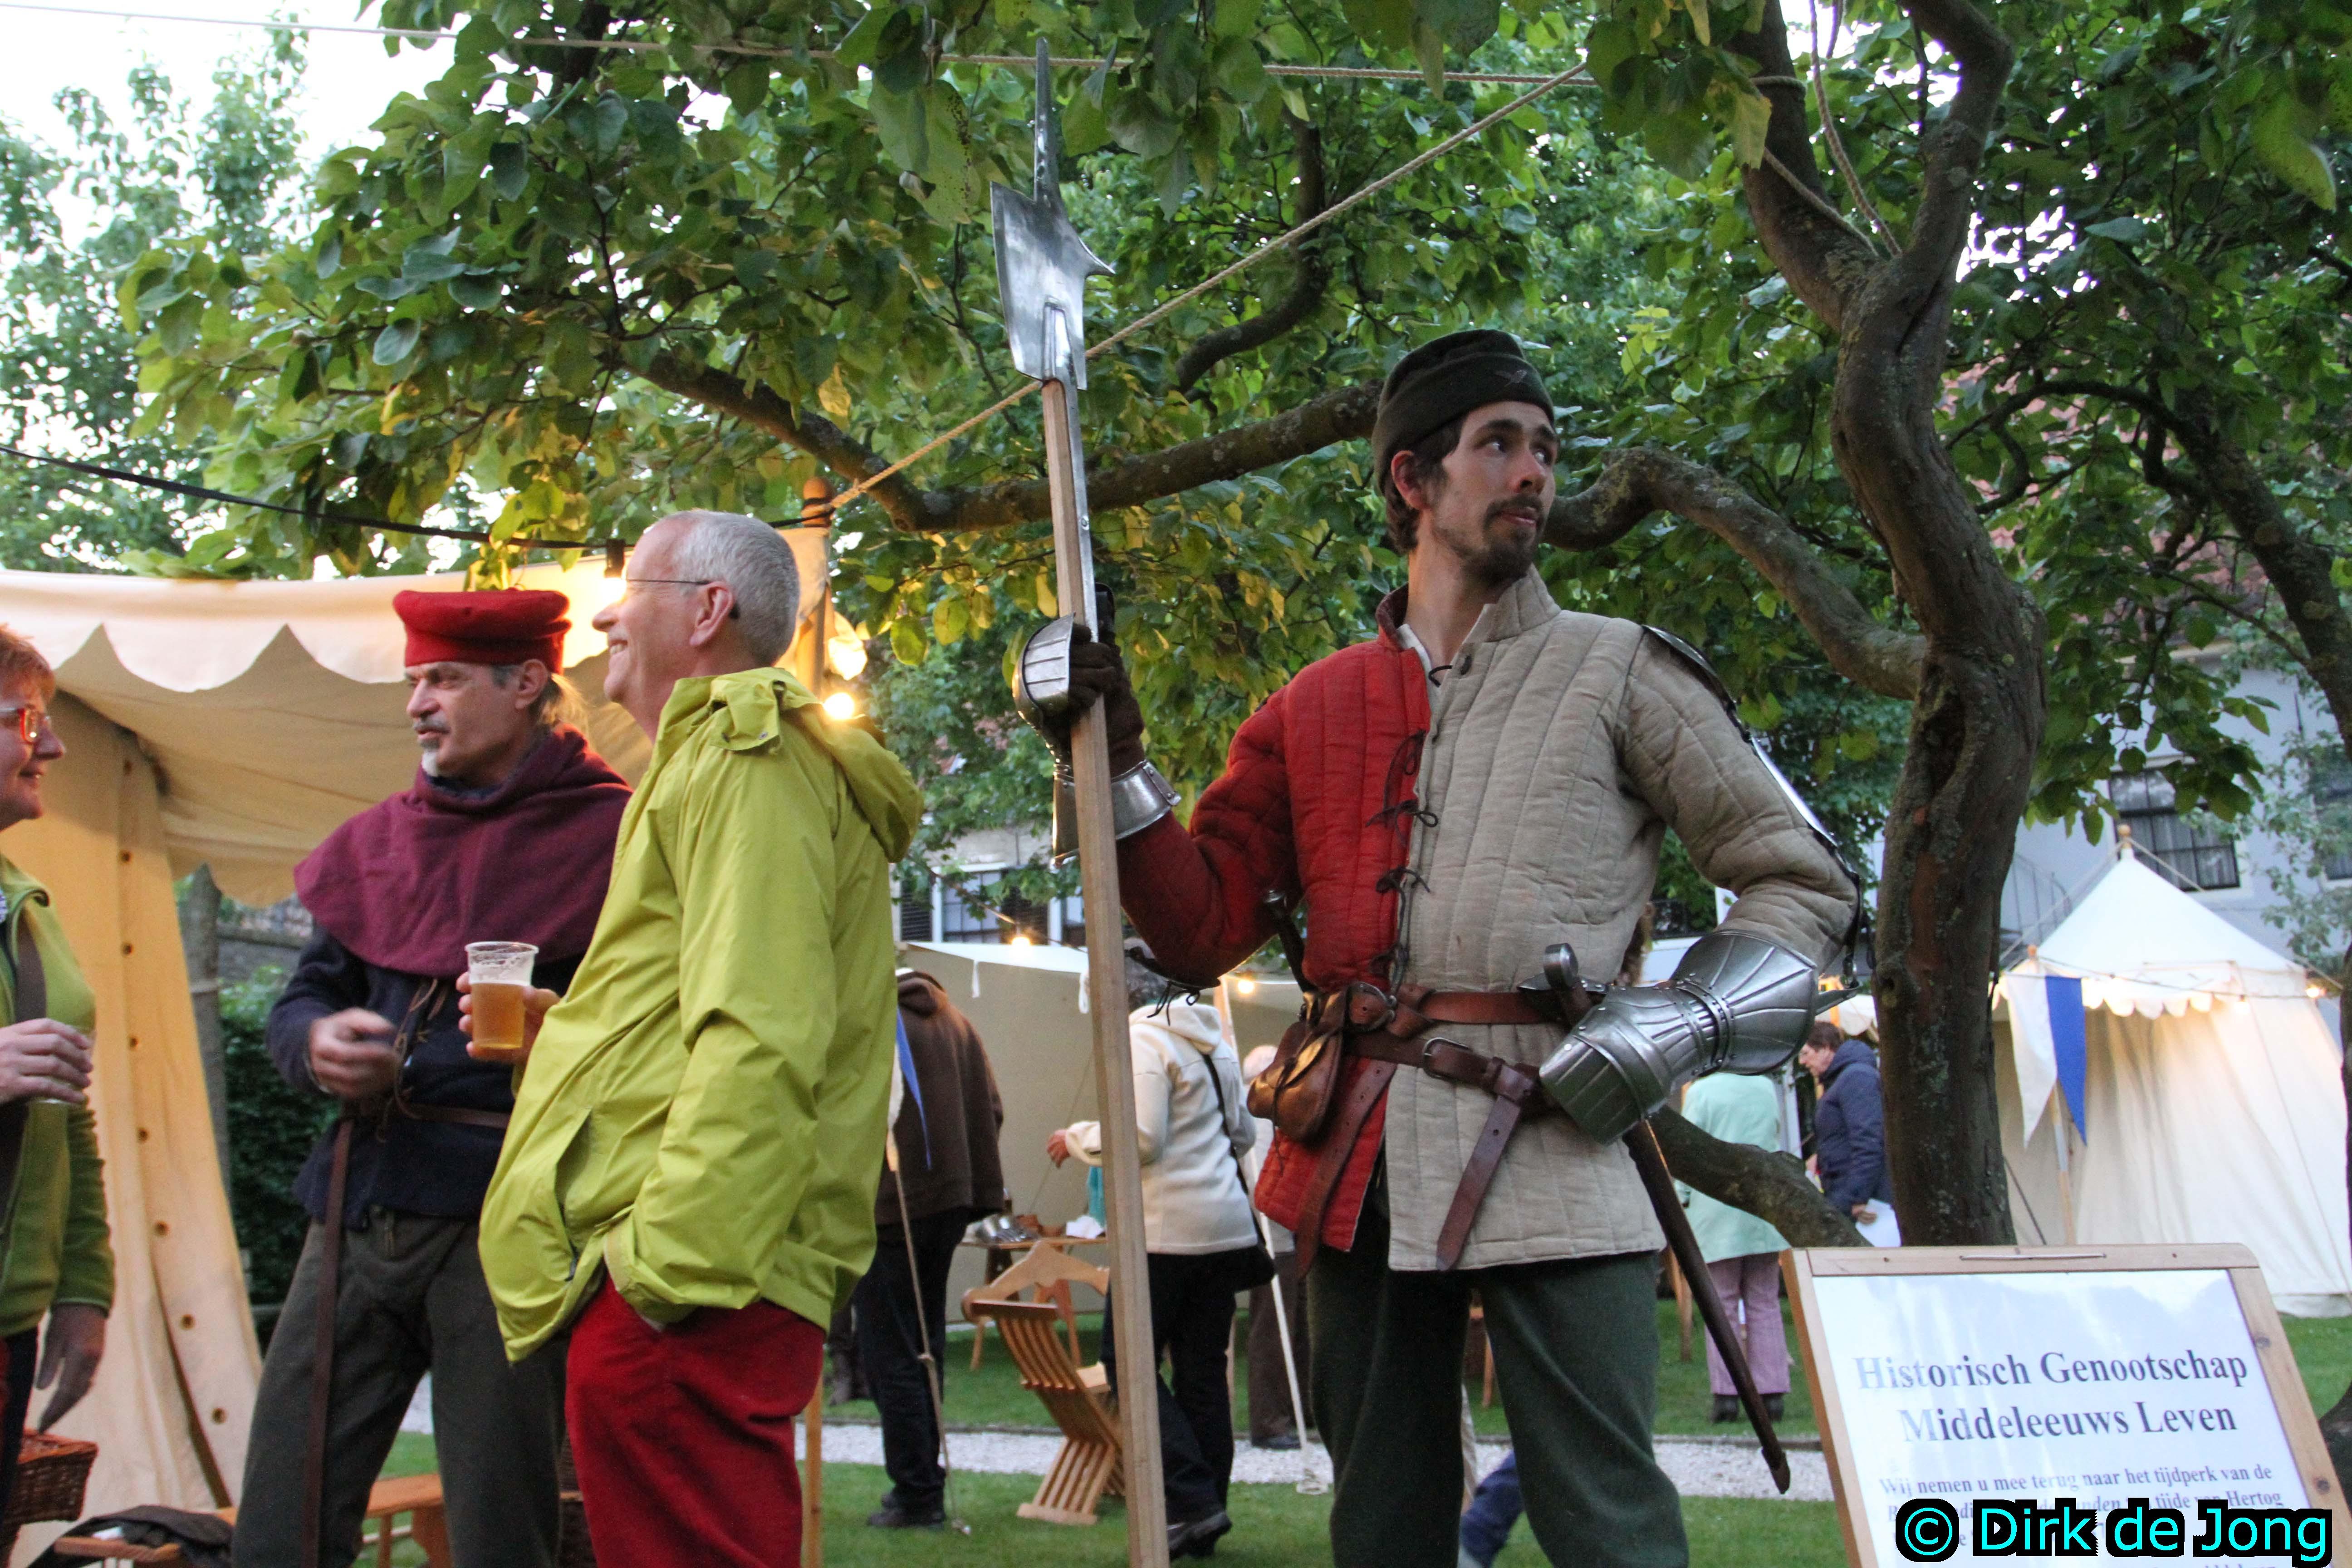 Middeleeuws Leven Assen succesvol in Elburg